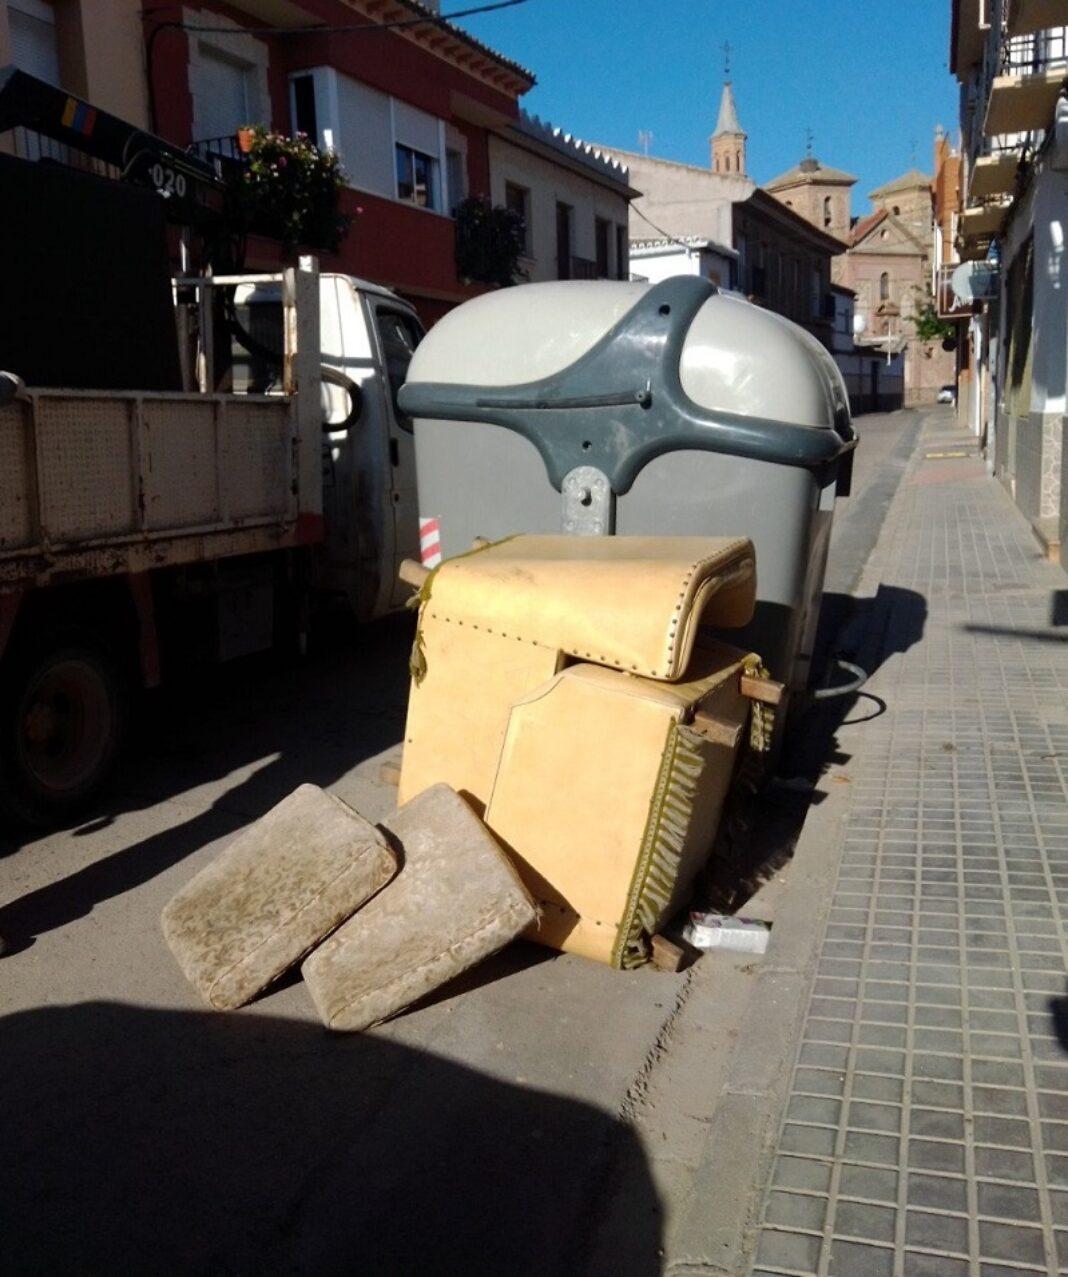 contenedor con muebles 1068x1277 - En marcha un servicio municipal y gratuito de recogida de enseres